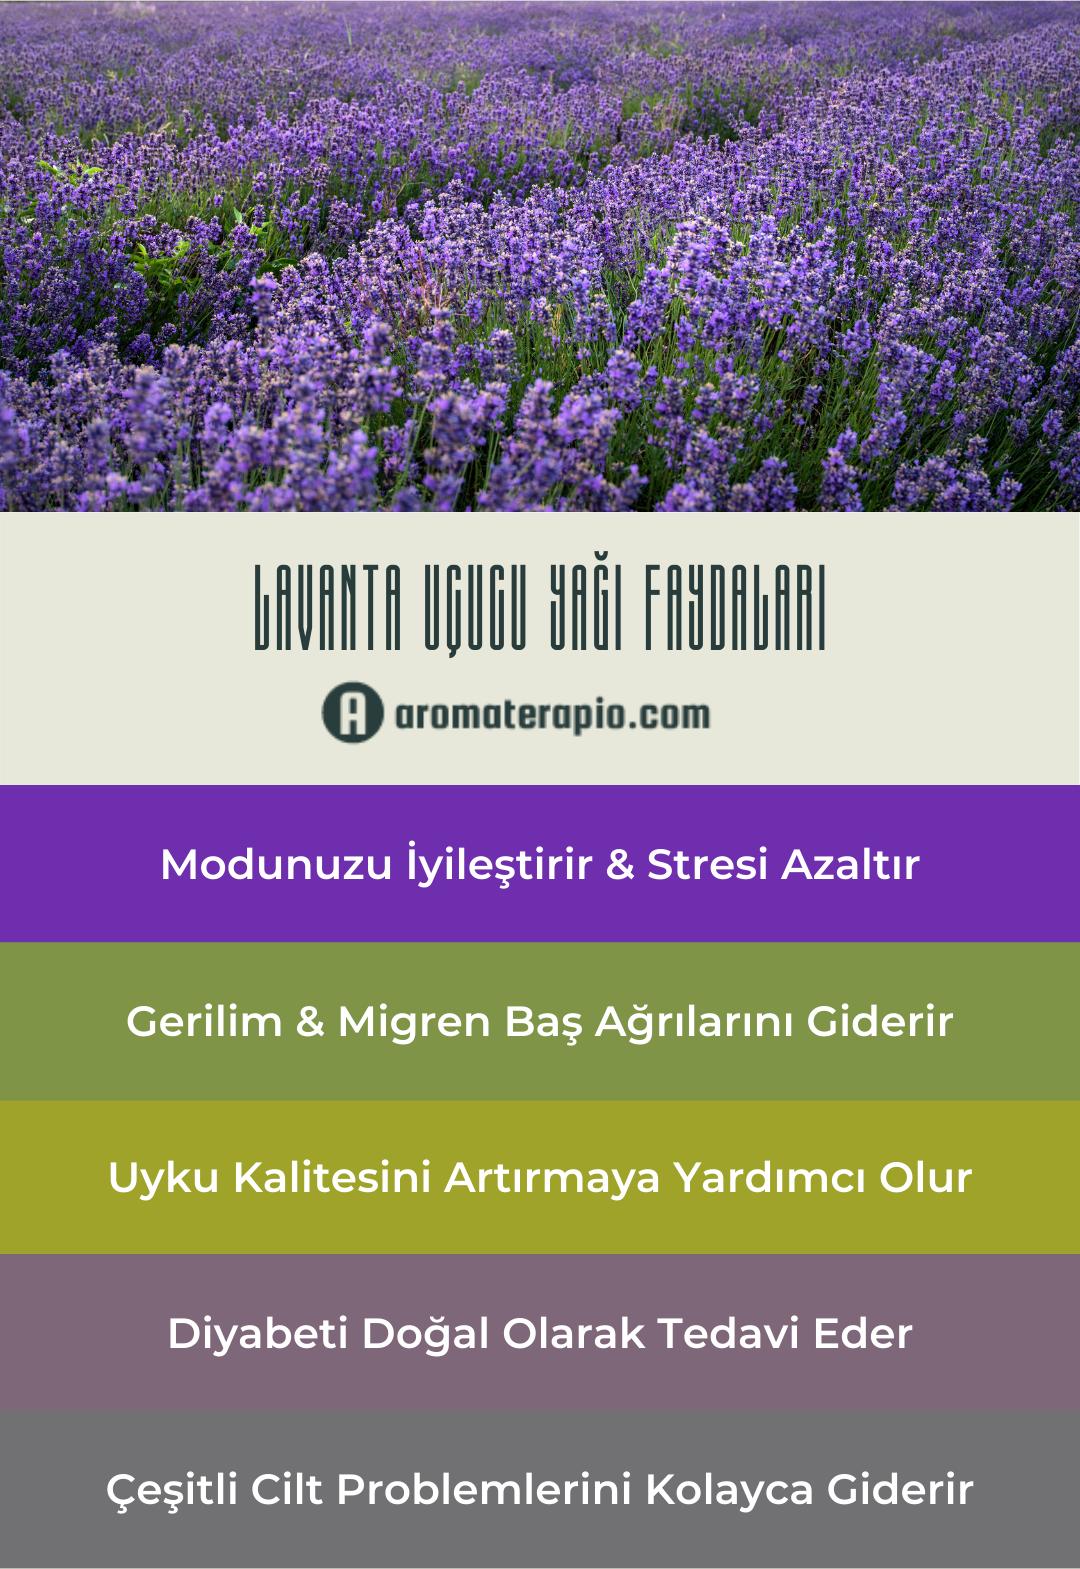 Lavanta Uçucu Yağı Faydaları Infografik - aromaterapio.com